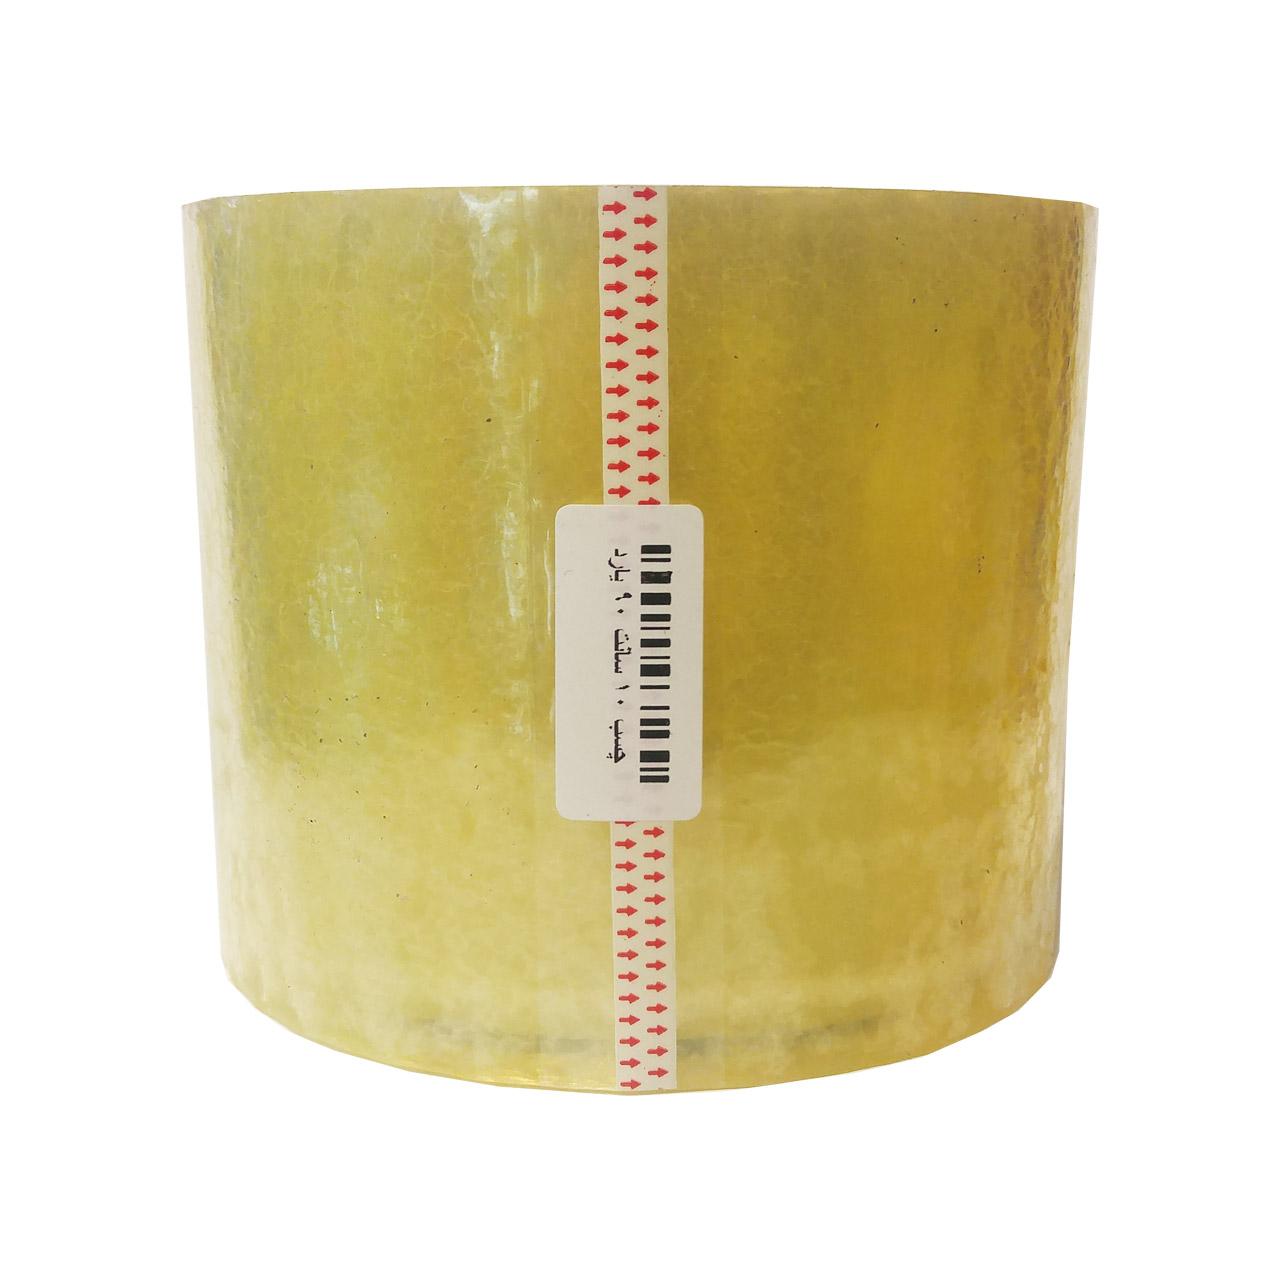 چسب نواری ژاد مدل الماس عرض 10 سانتی متر